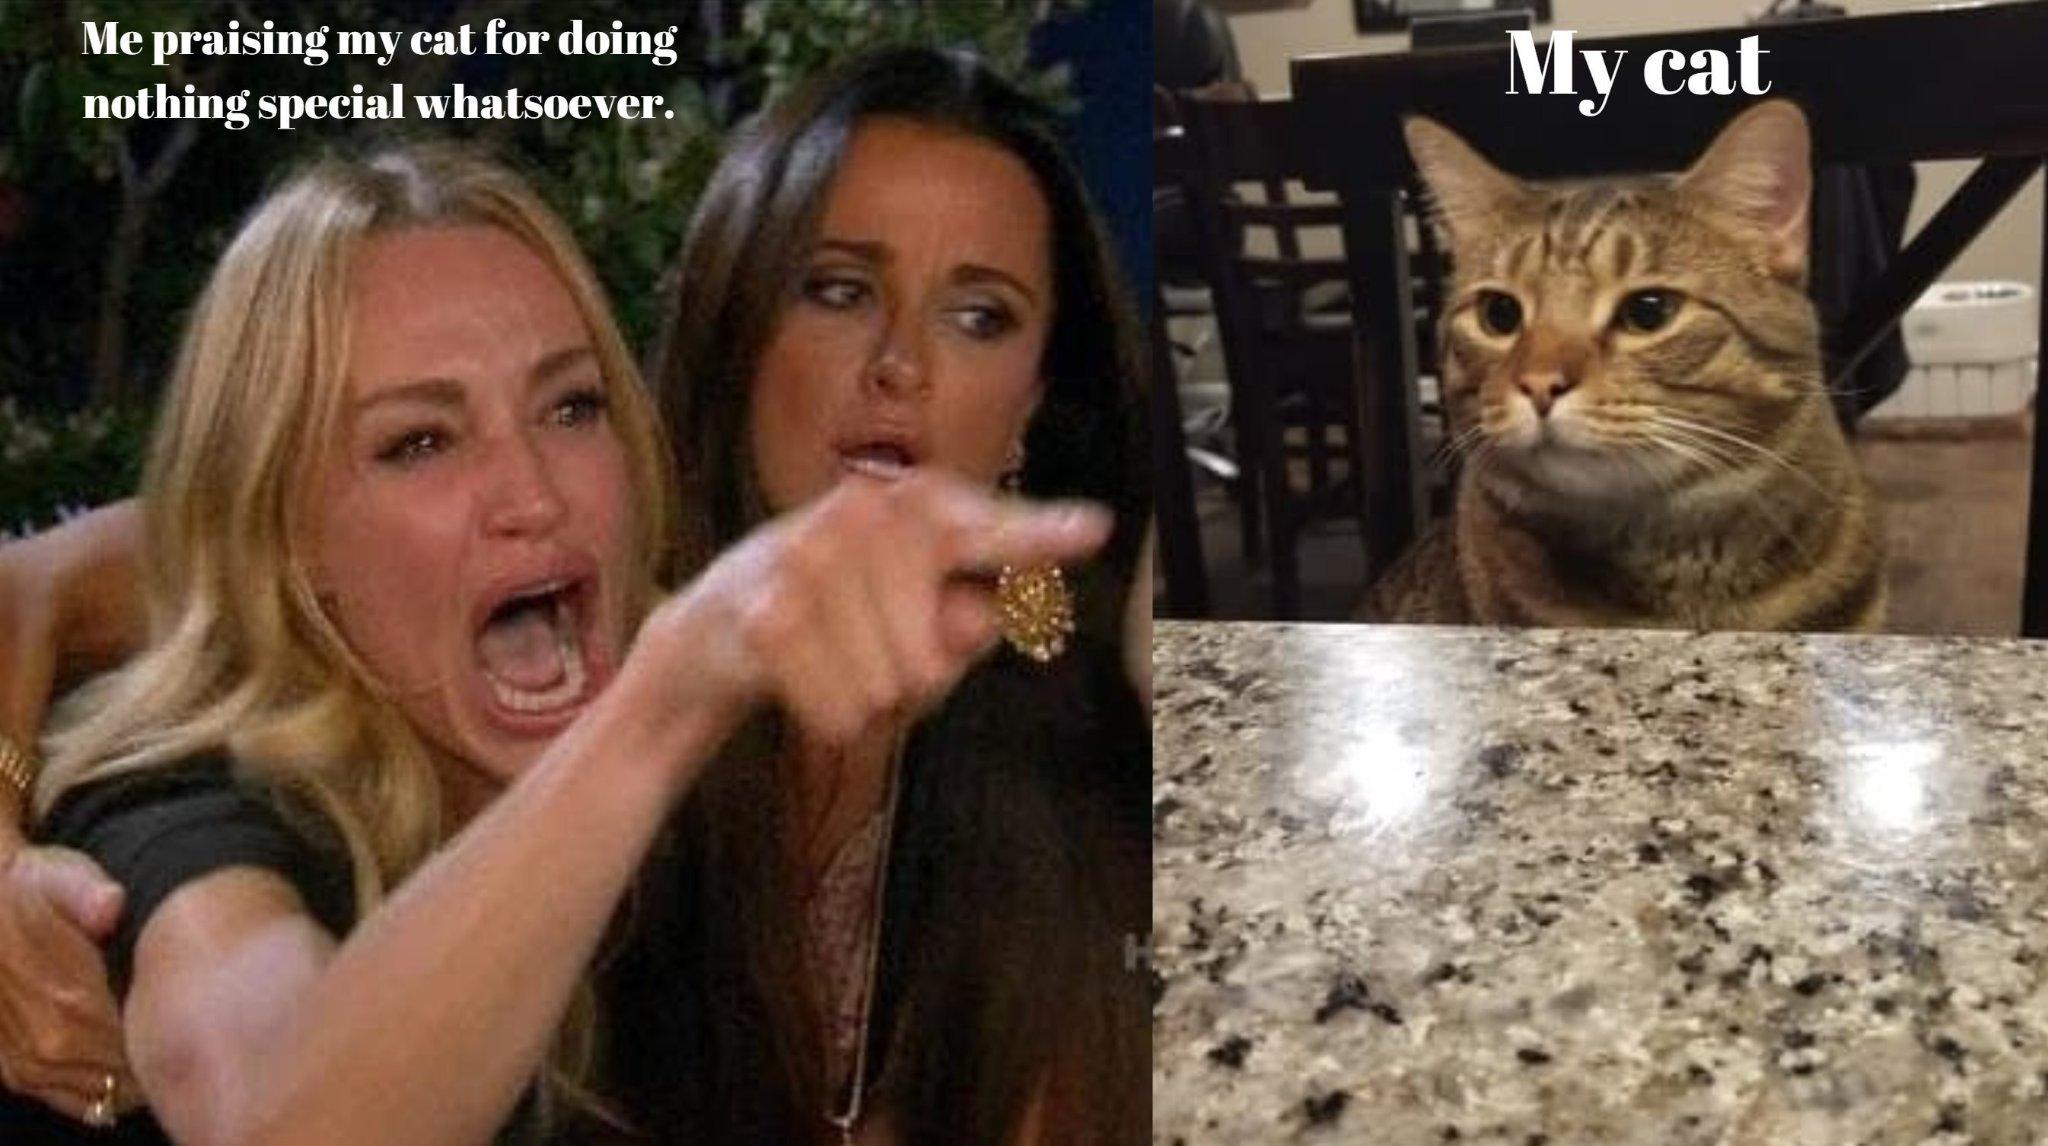 My cat IRL - meme